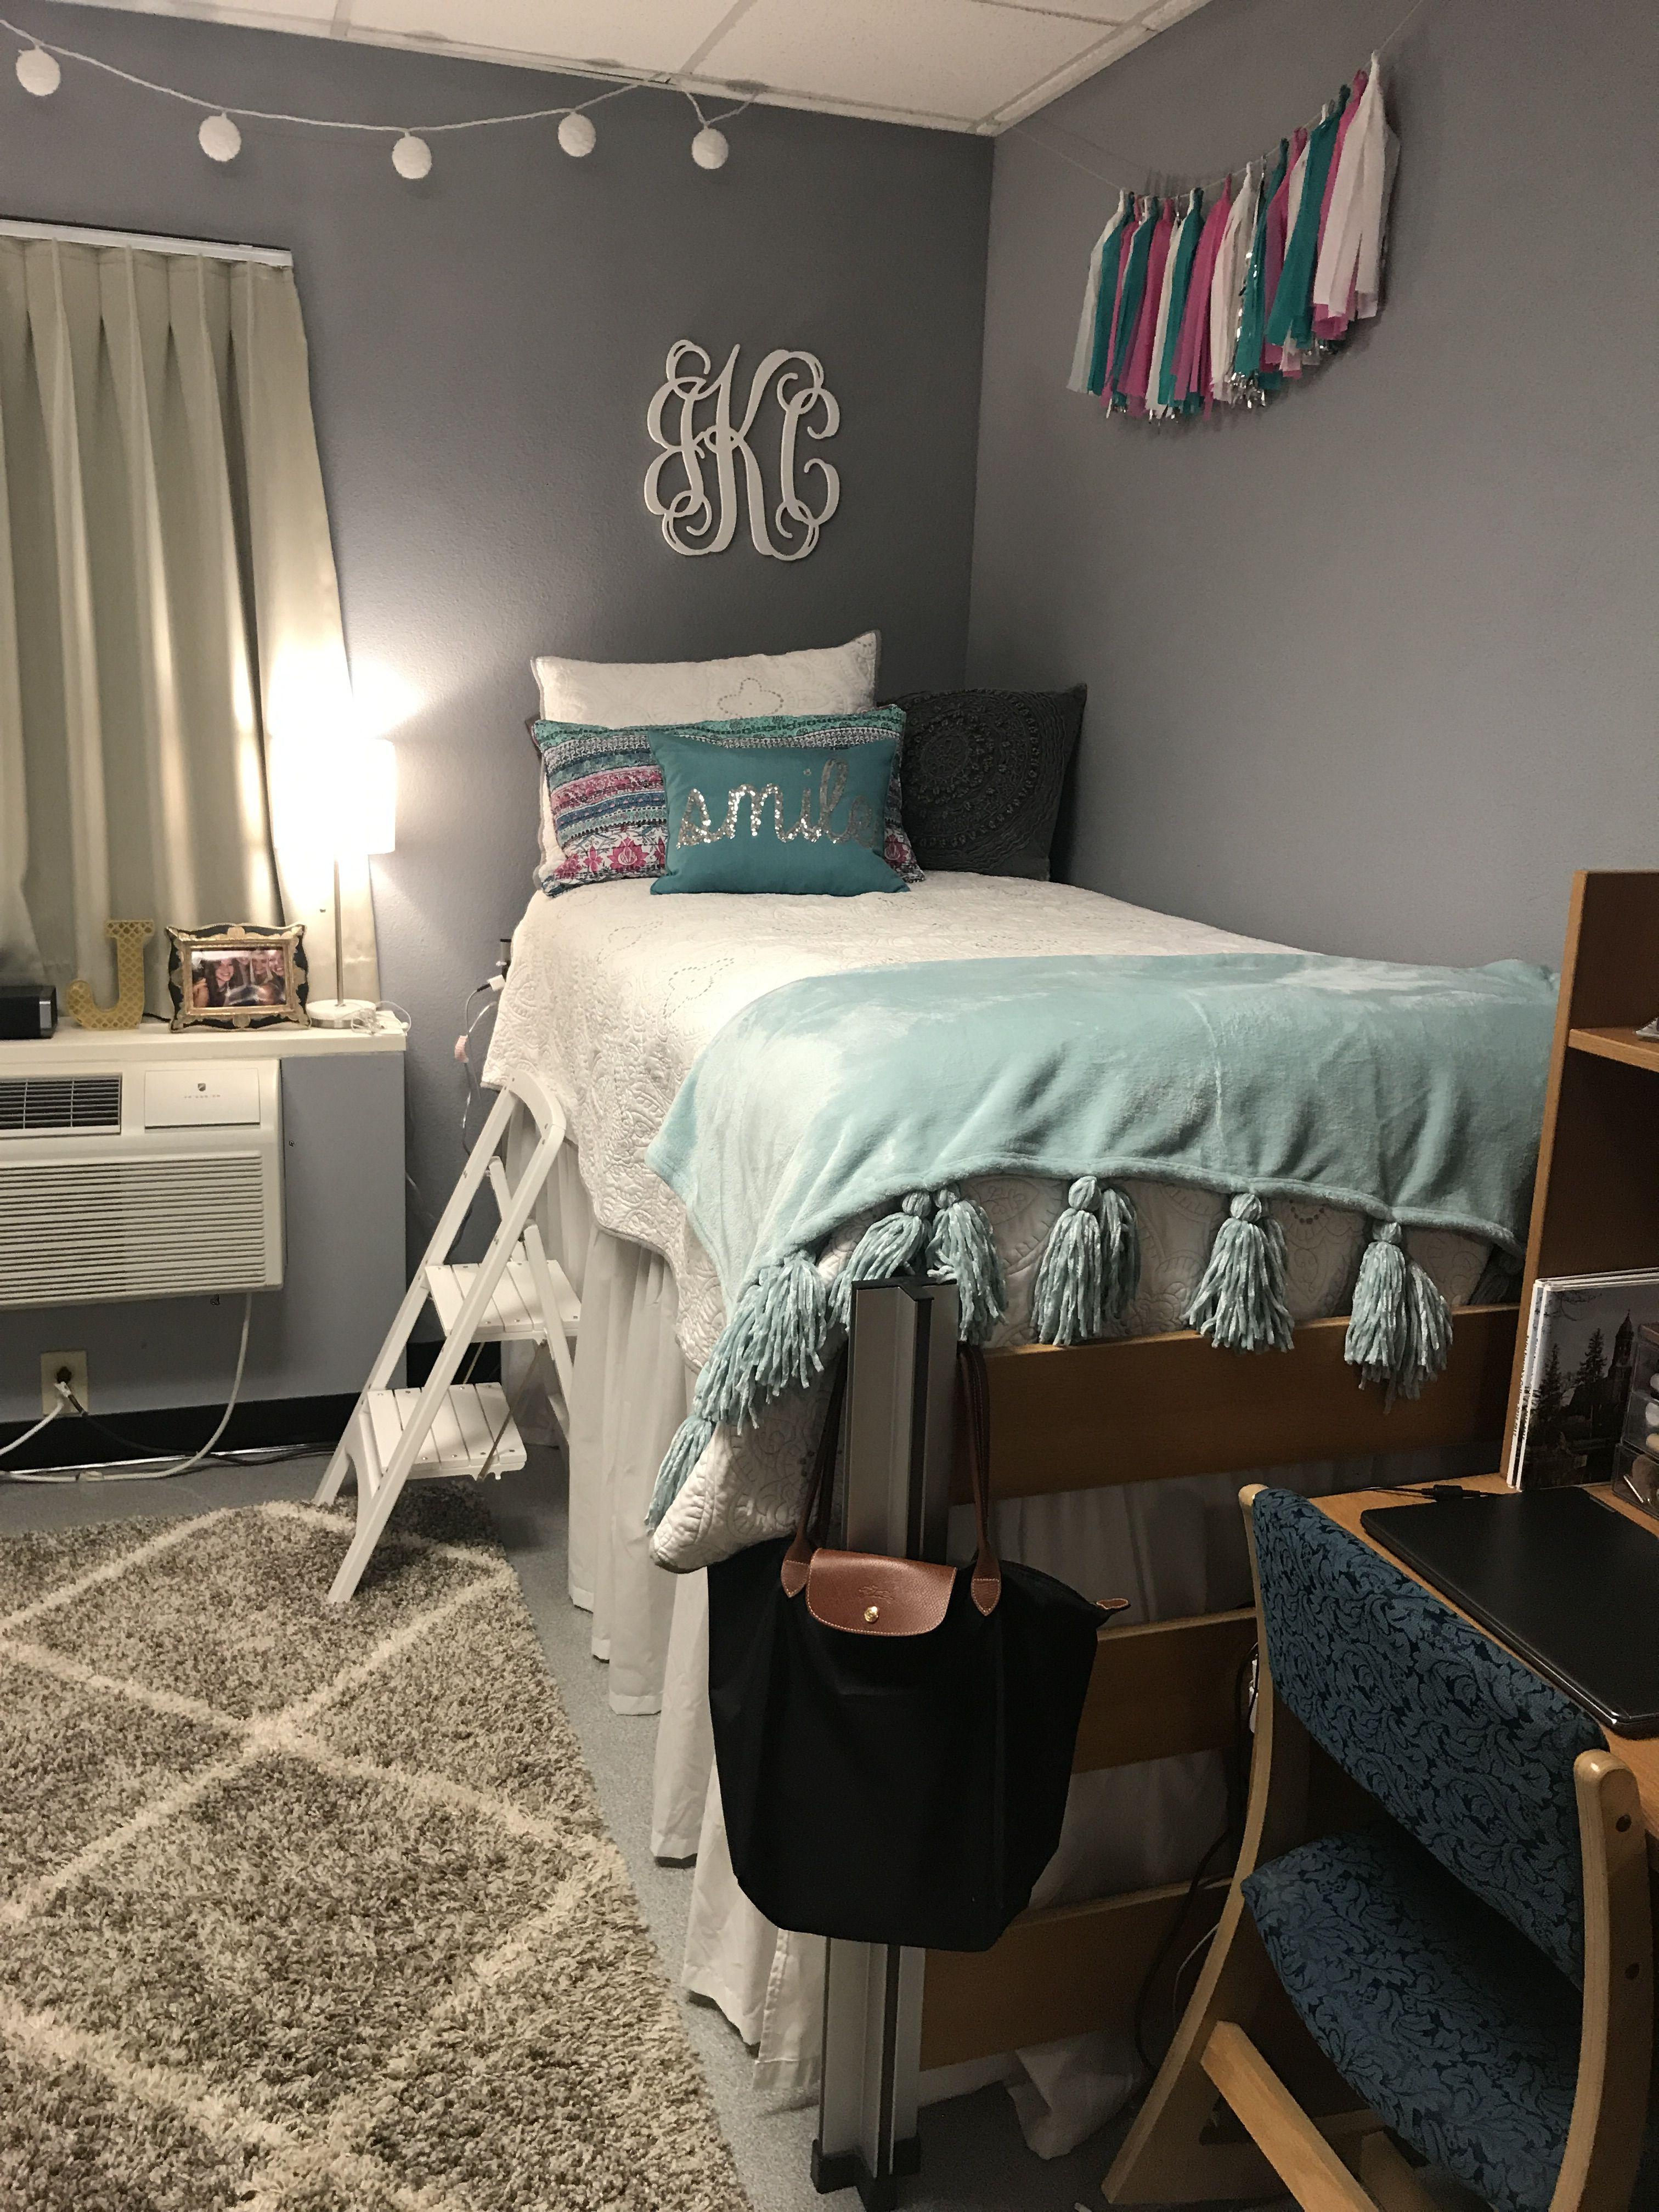 Dream Dorm Room: Pin By Jᴜʟɪᴀ ᴋʀᴜᴢᴀɴ On Dᴏʀᴍ